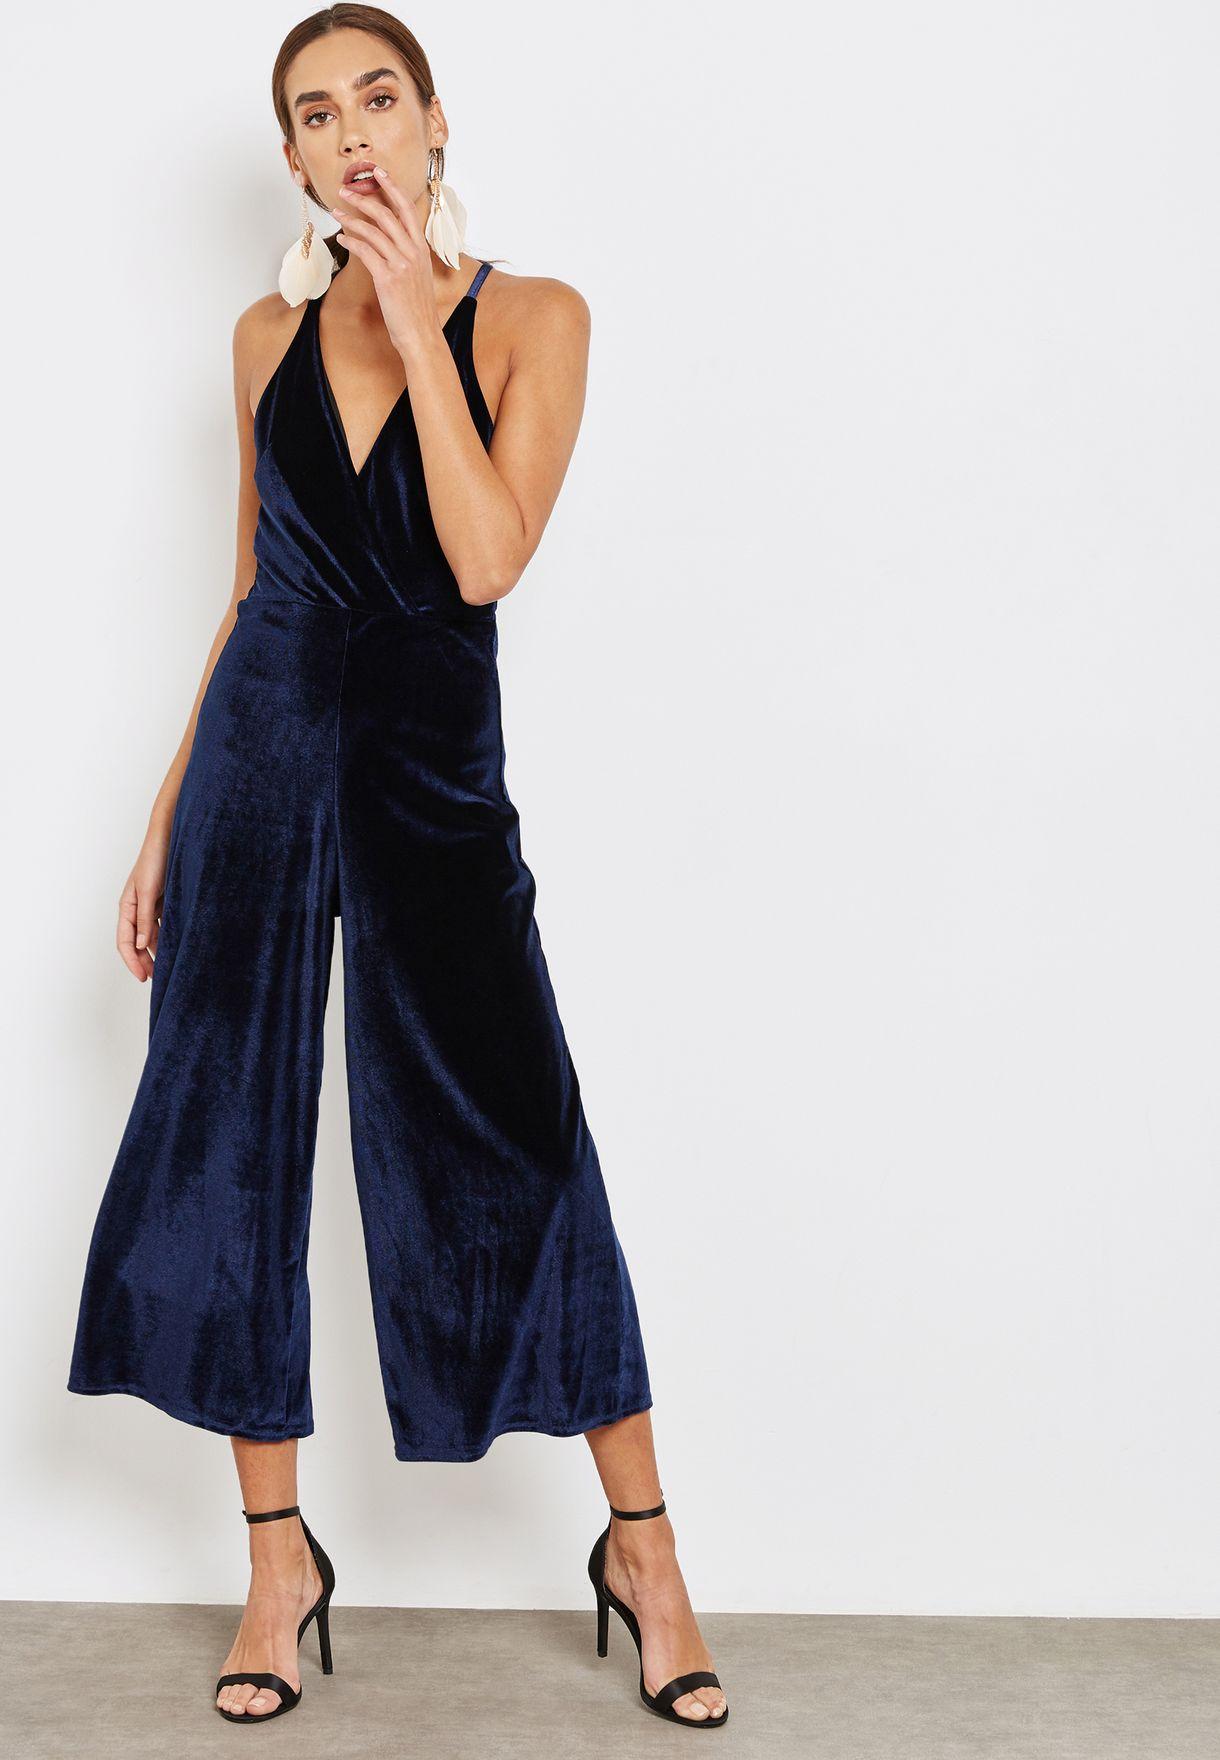 Buy Oh My Love Navy Velvet Jumpsuit For Women In Manama Other Cities Oml4405